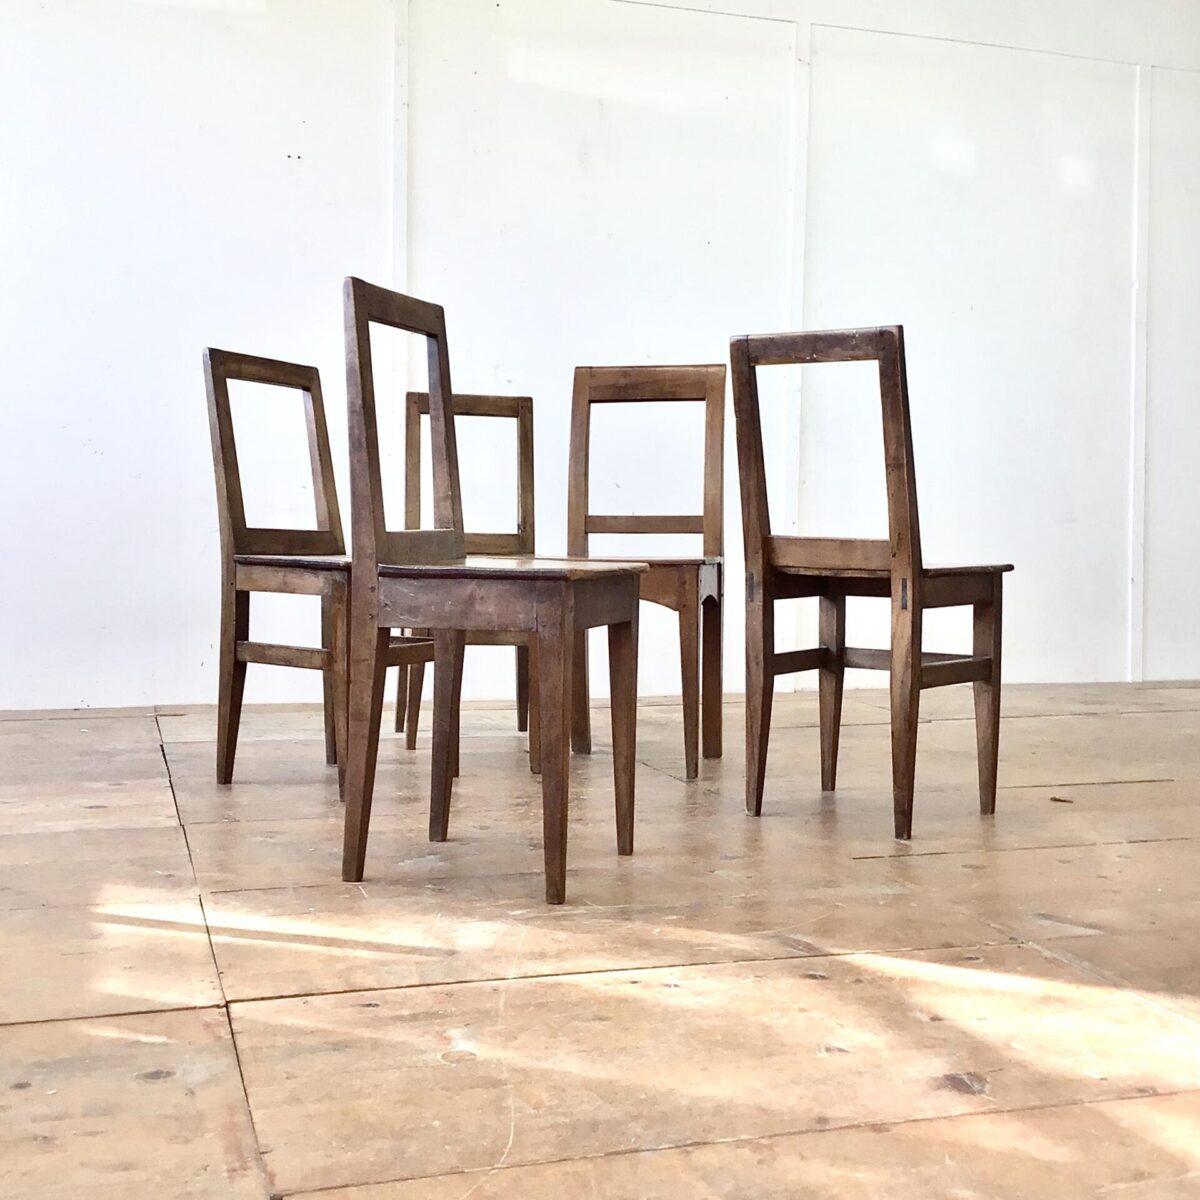 Deuxieme.shop biedermeierstühle 5 er Set Nussbaum Stühle mit markanter Alterspatina. Klare geradlinige Form, ideal um die aufrechte Haltung zu bewahren.